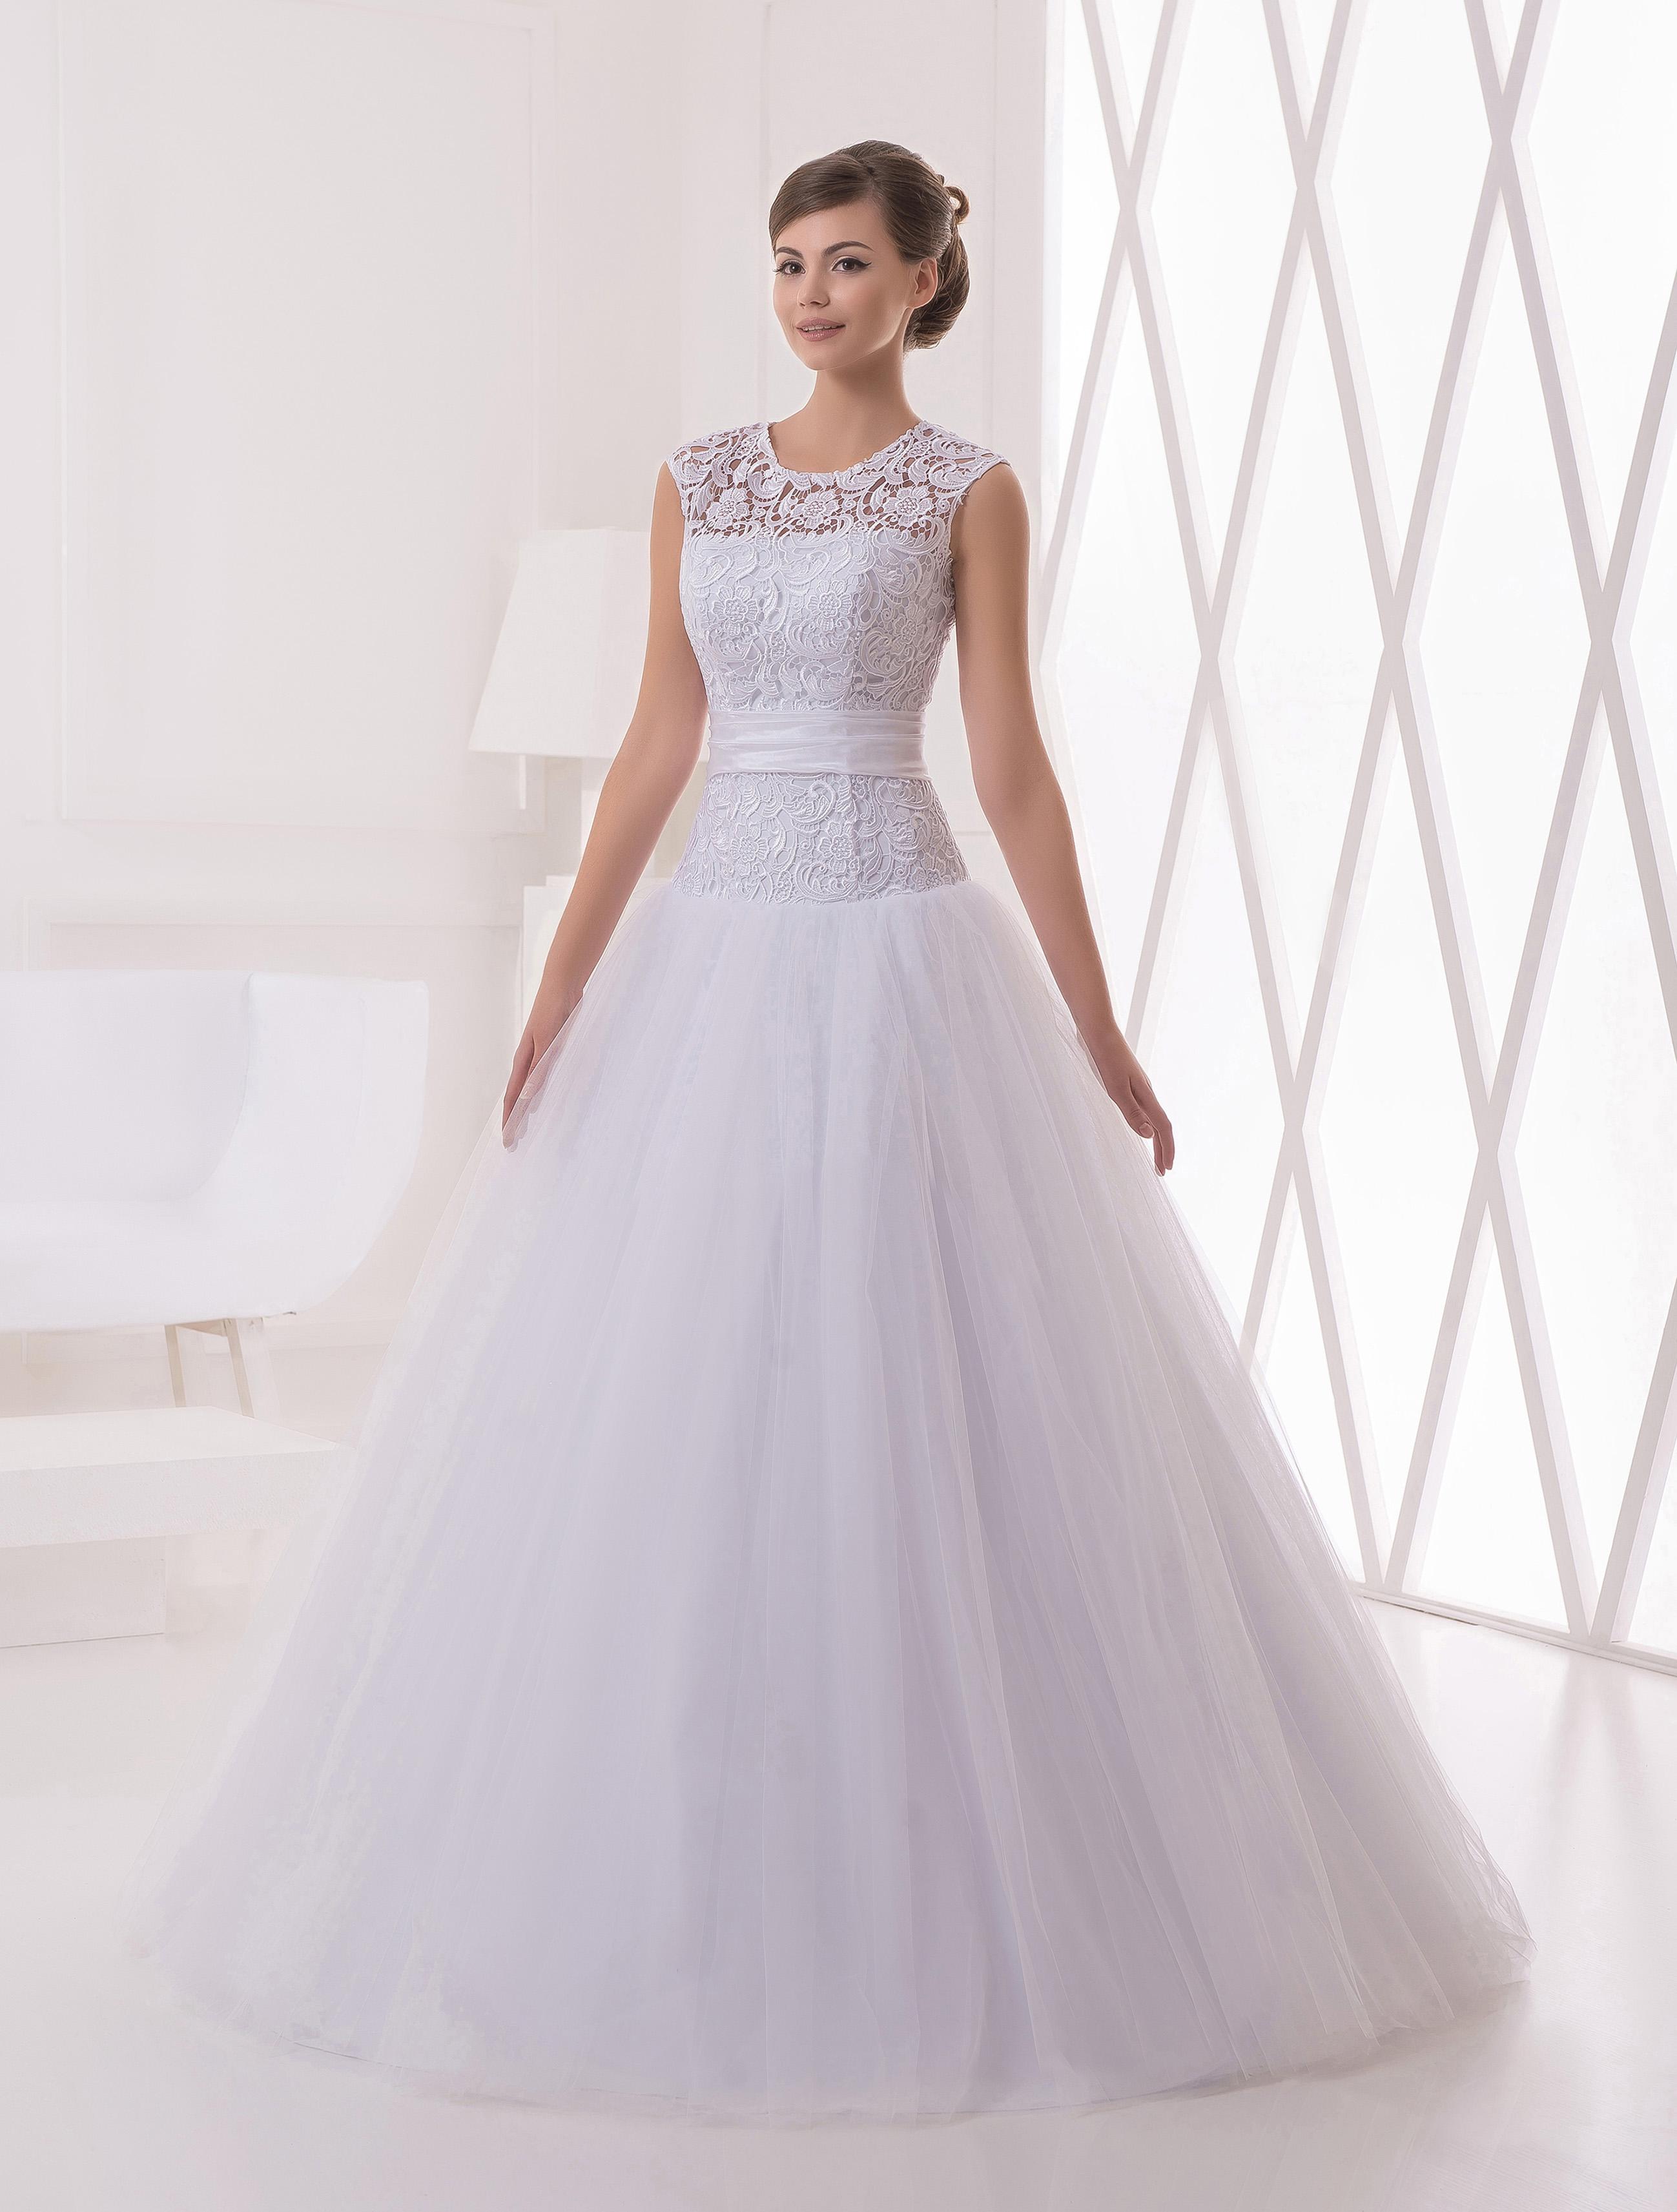 a5ce6a74b99 Свадебное платье Дженна - купить свадебные платья в Санкт-Петербурге